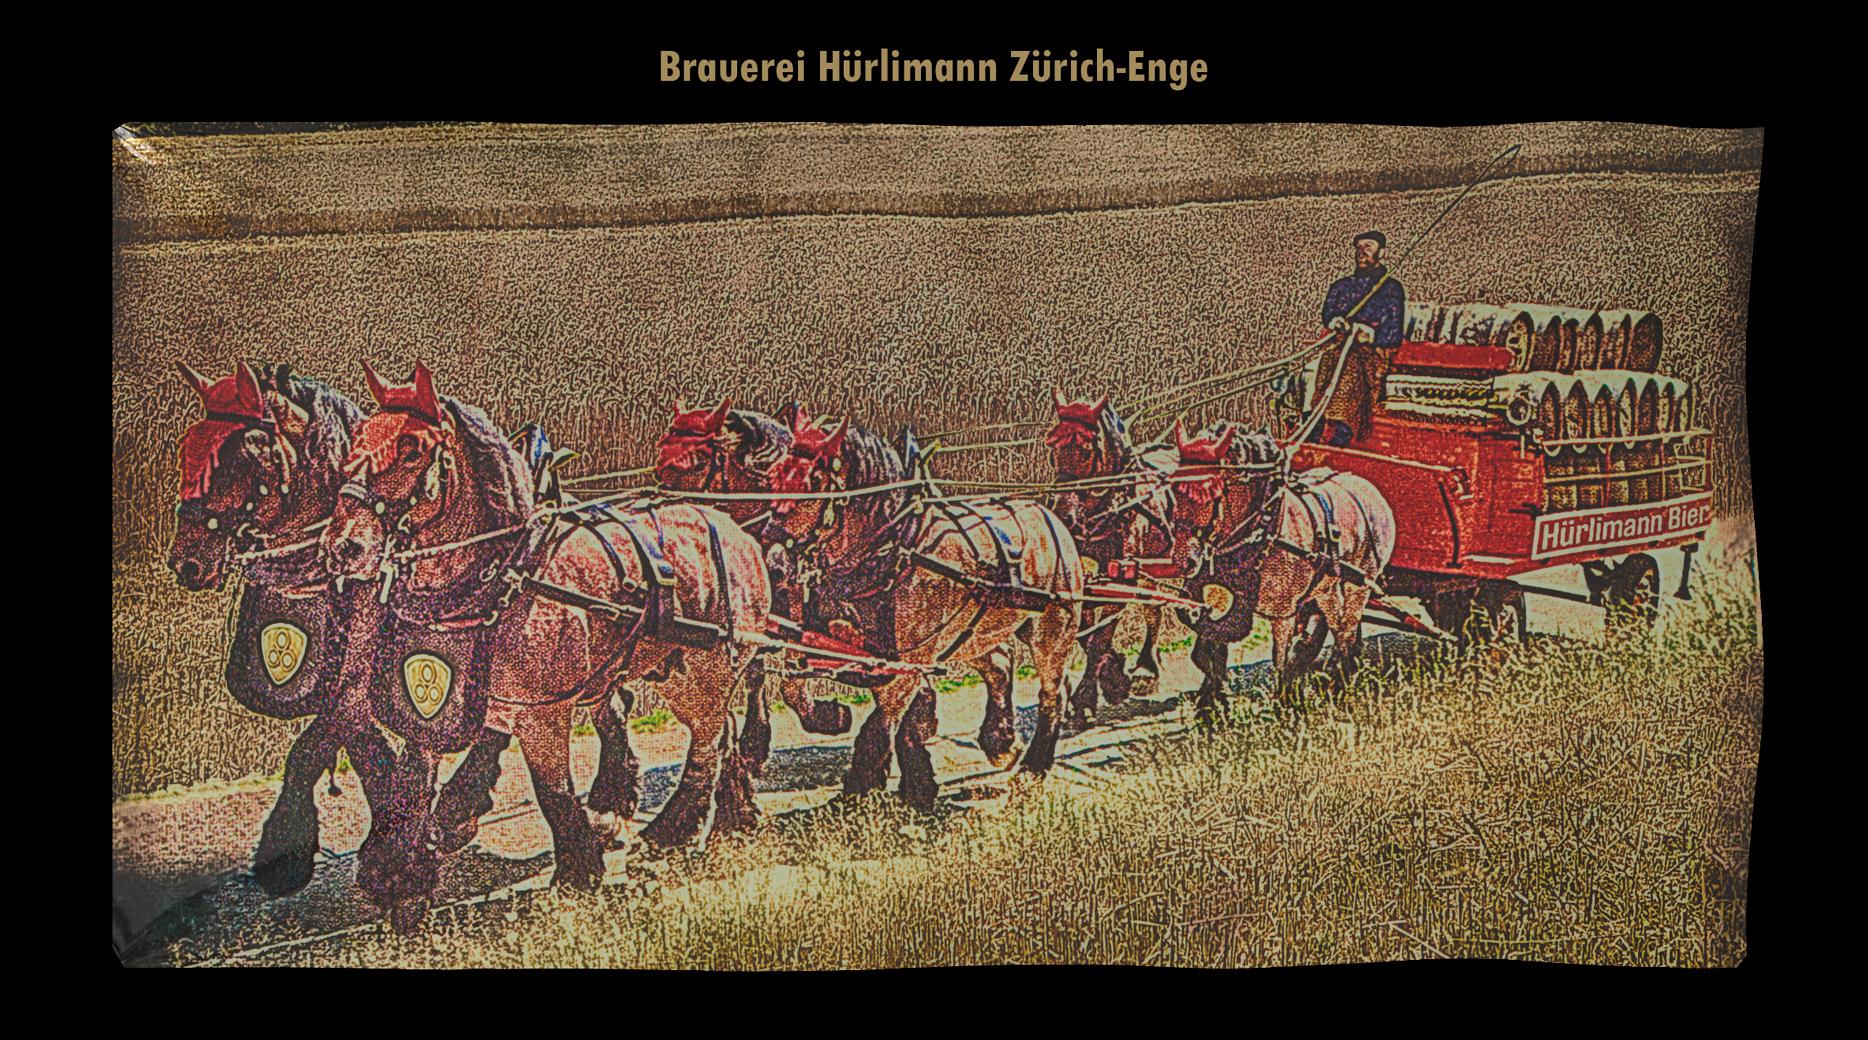 Sechsspänner, Sechsspännig, Schweizer Bier, Schweizer Brauerei, Hürlimann Areal, Hürlimann Bier, Bier Hürlimann, Zürcher, Hürlimann Pferde, Pferdekutscher,